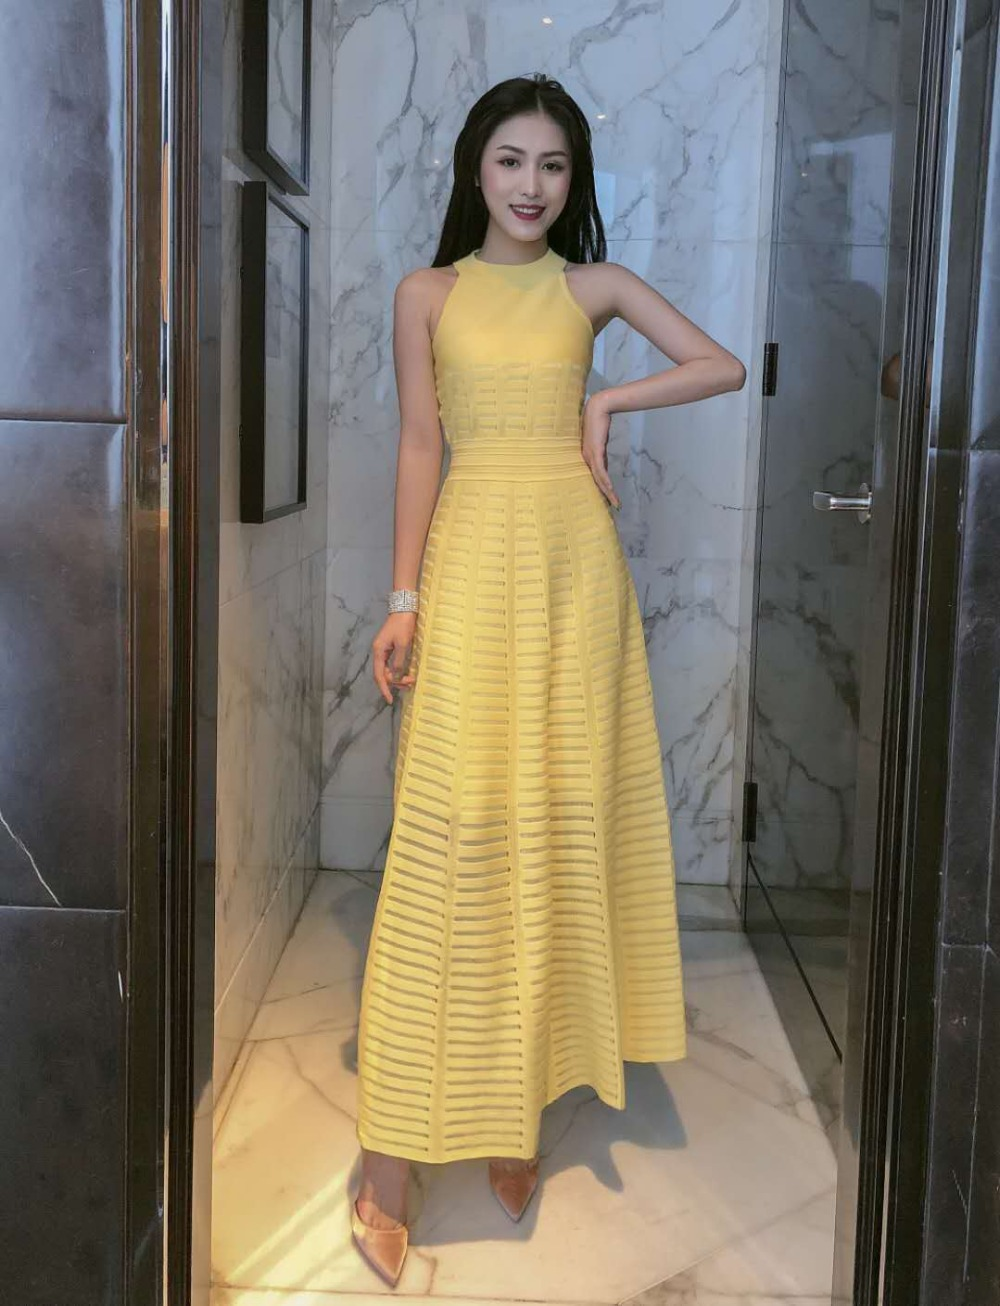 Frauen verband kleid neue 2019 sommer promi party gelb mesh hängenden hals spitze MAXI lange kleid Vestidos sexy mode gr-in Kleider aus Damenbekleidung bei  Gruppe 2